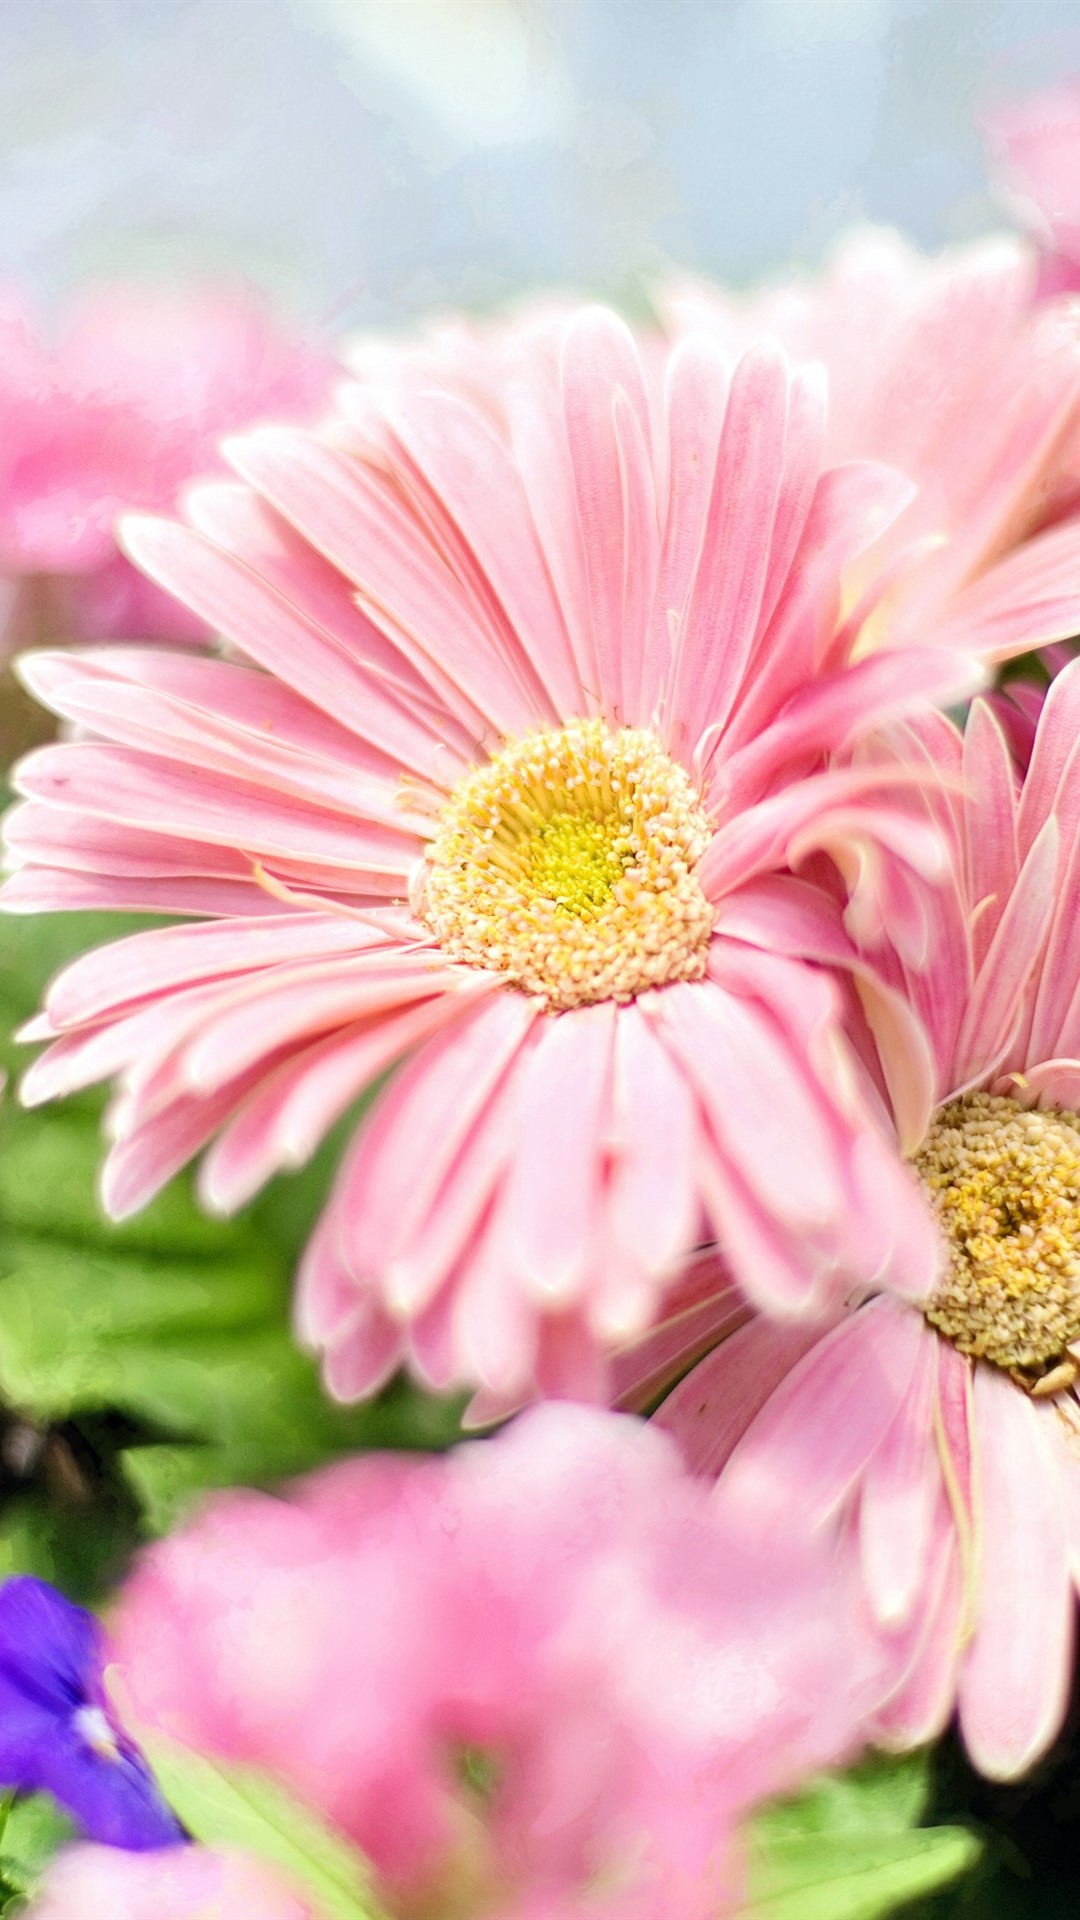 Для, картинки цветов на телефон андроид